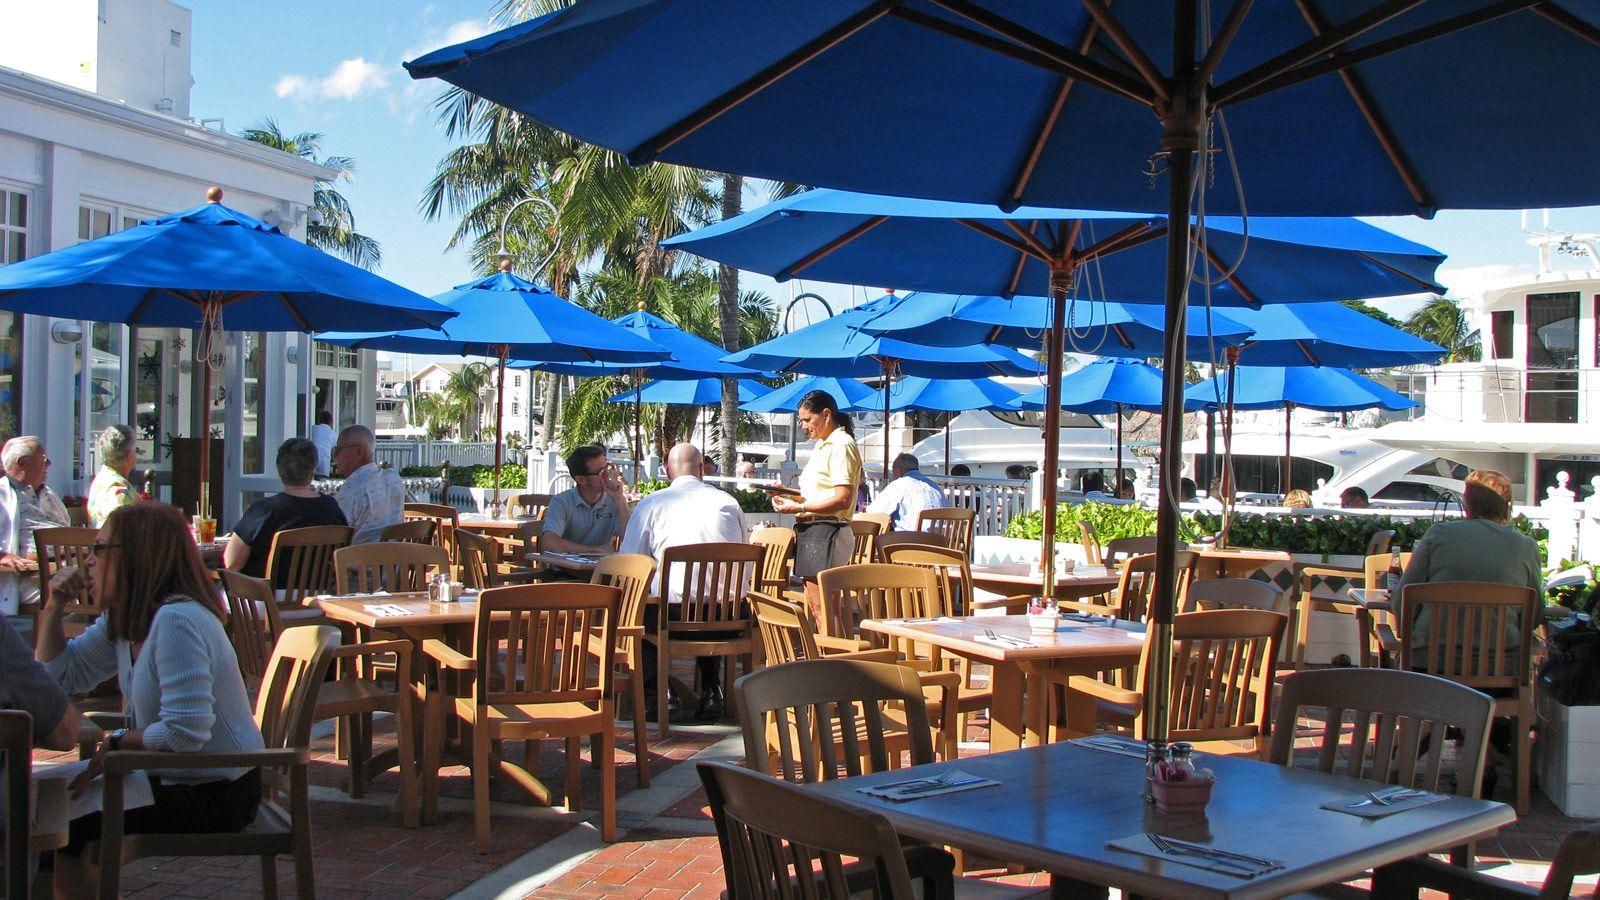 Bimini Boatyard Bar Amp Grill